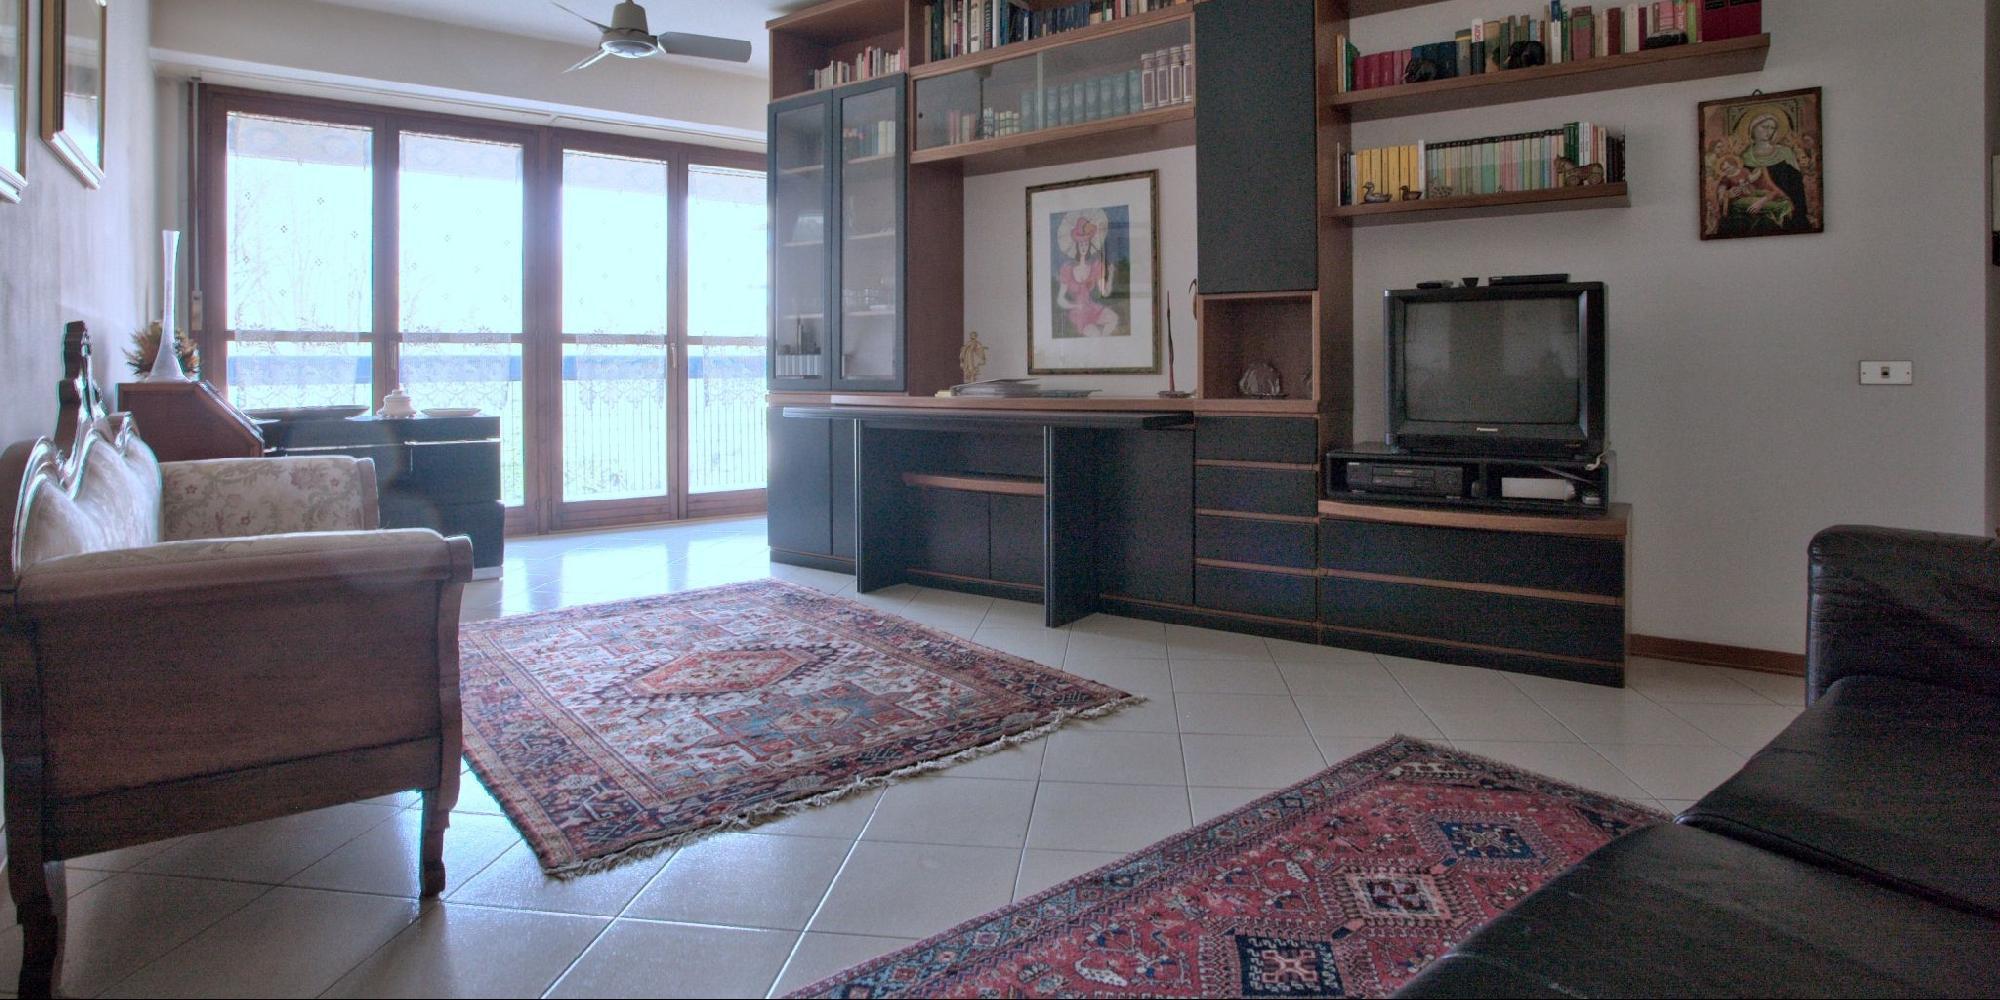 Milan - Fichera 2BR Apartment